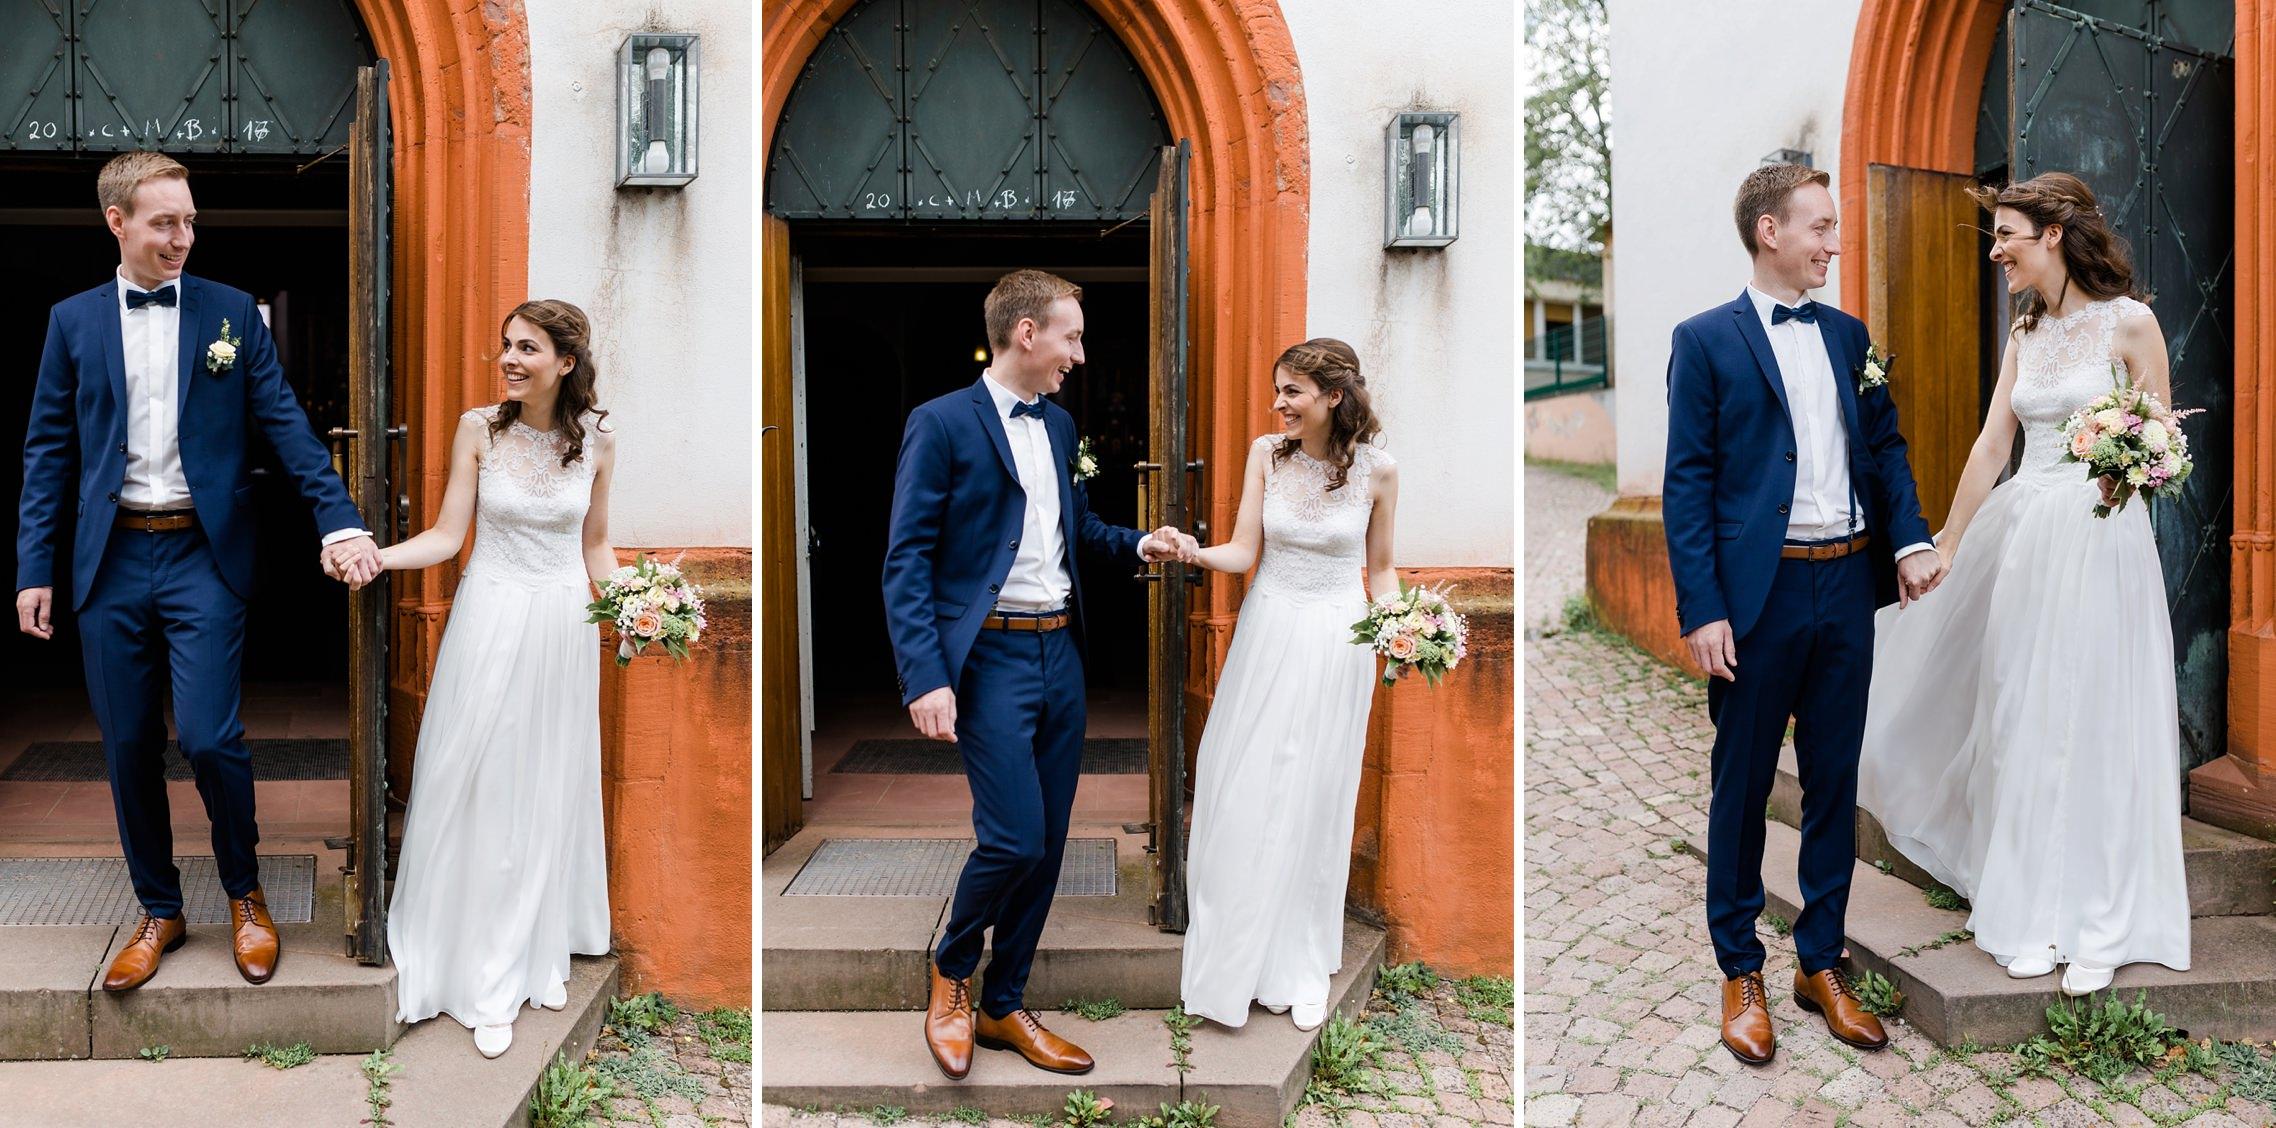 Braut und Bräutigam sehen sich zum ersten Mal in ihrer Hochzeitskleidung vor der katholischen Kirche in Erbach im Rheingau.